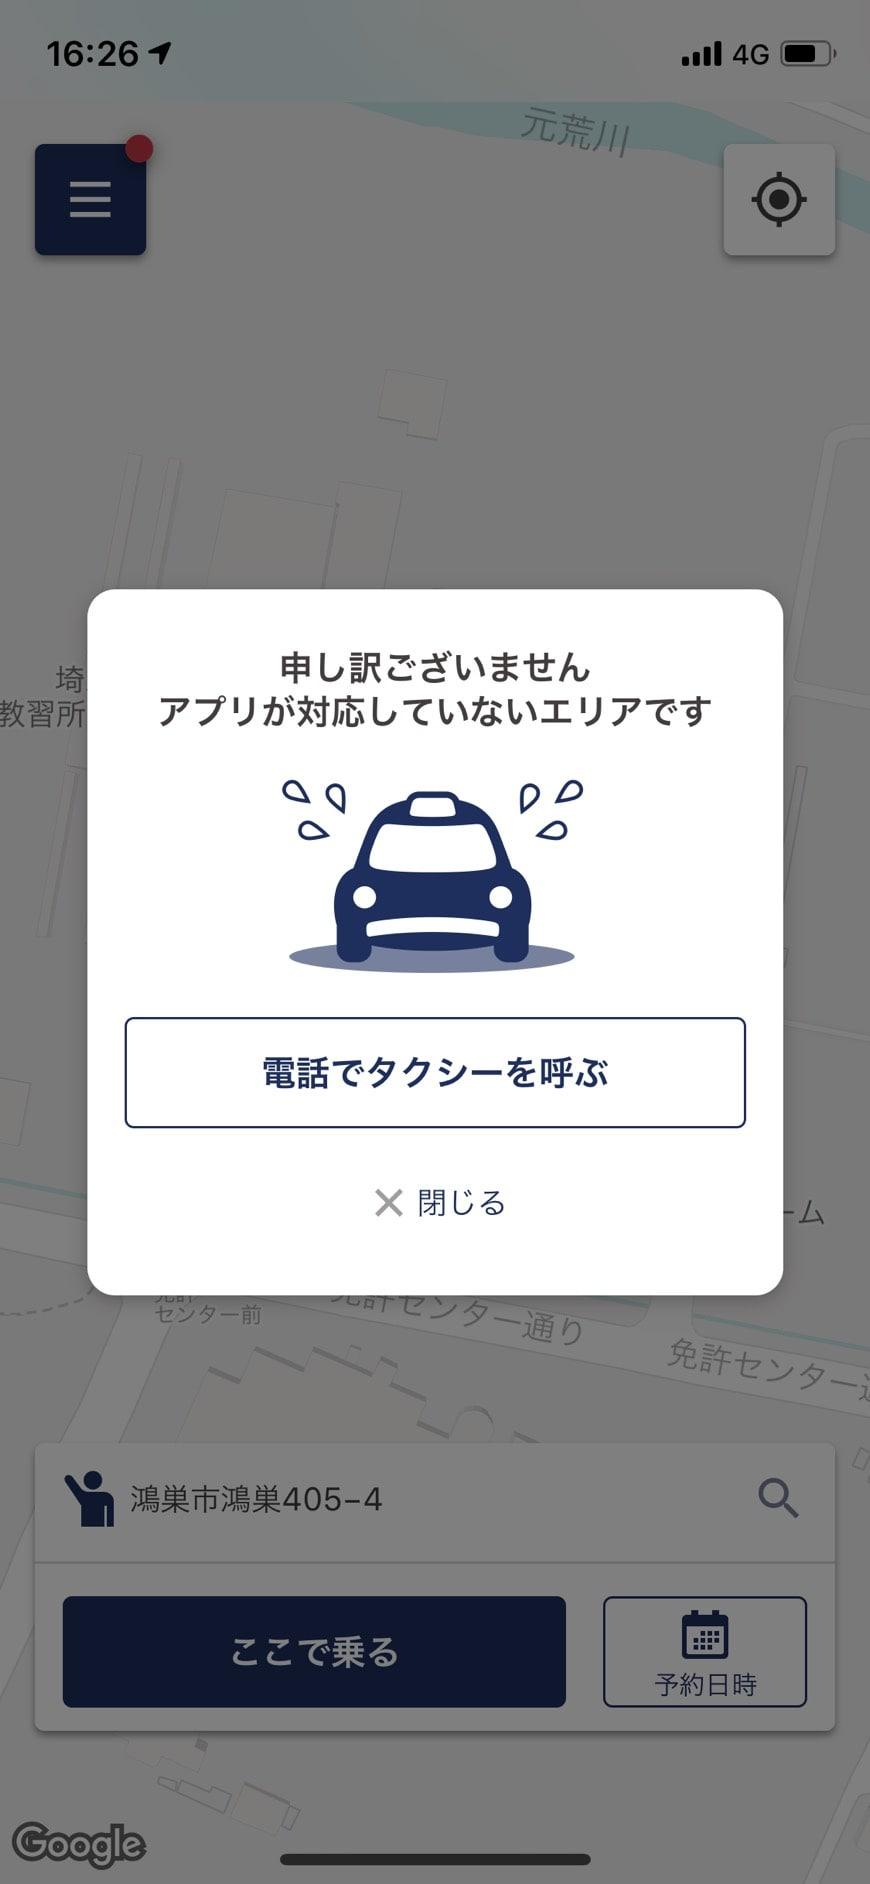 ジャパンタクシーの対応していないエリア